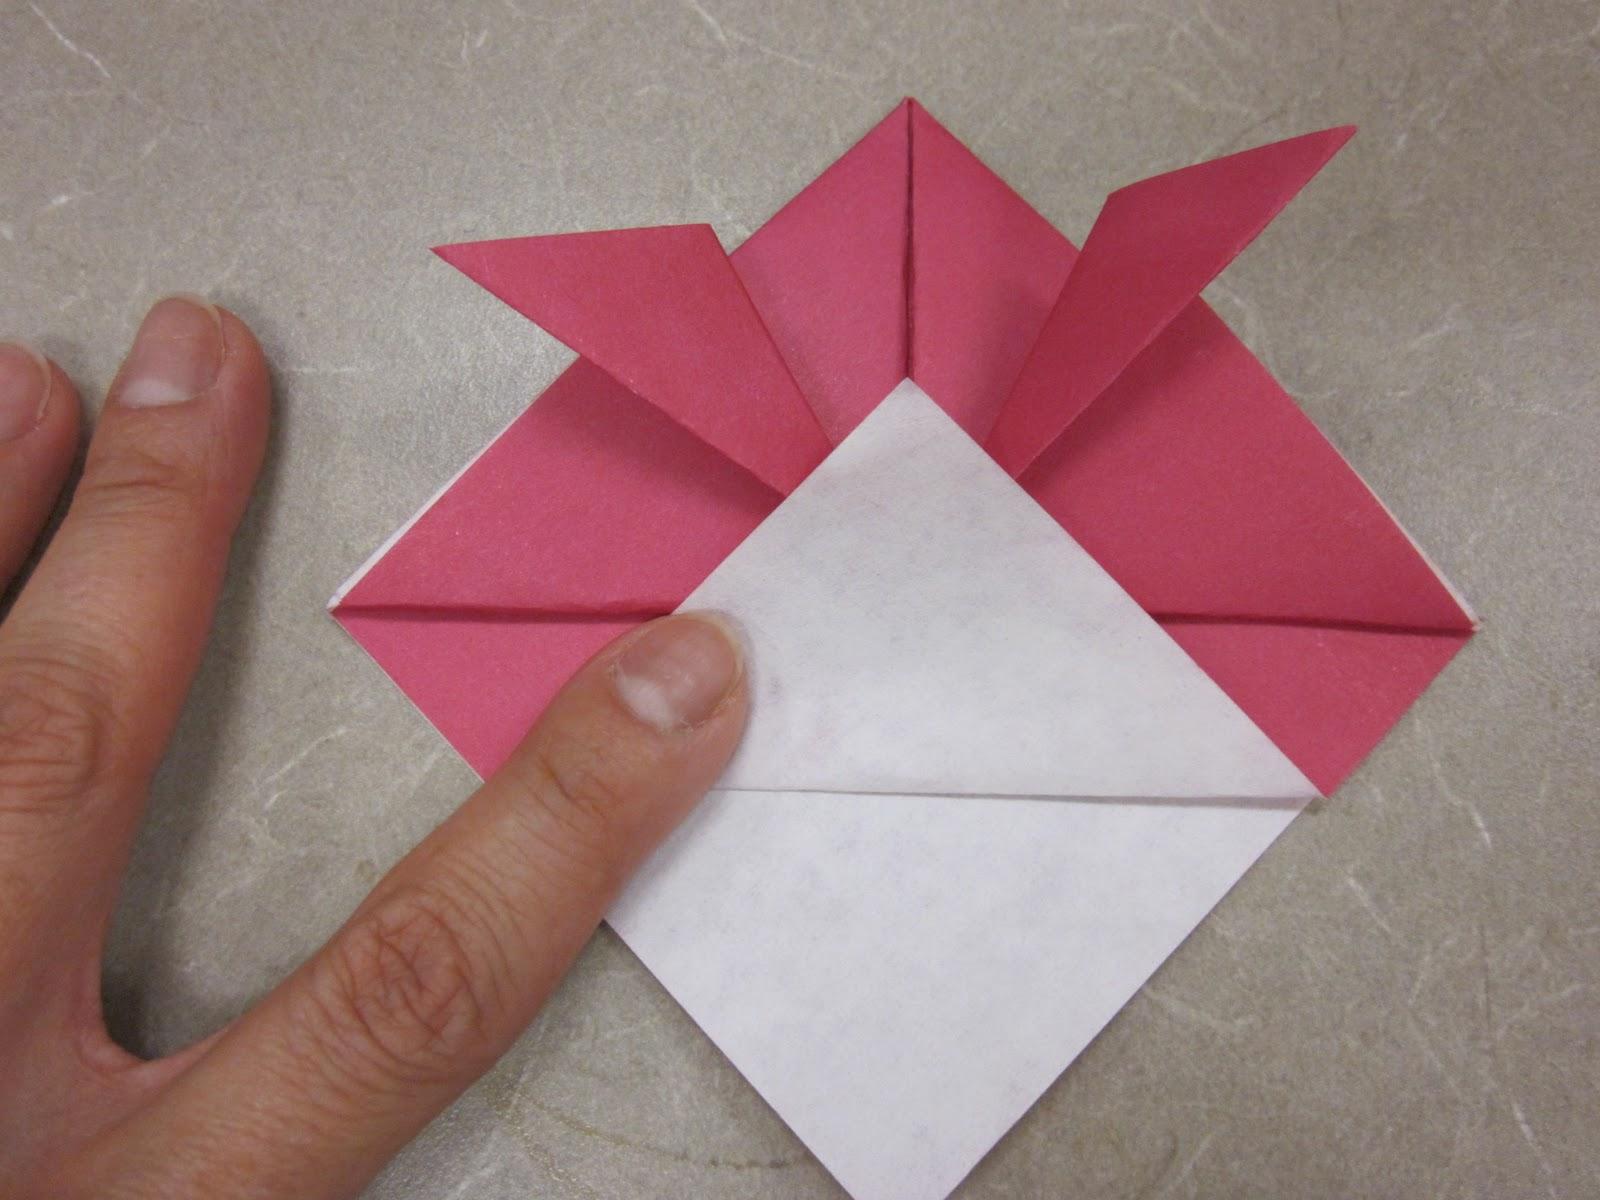 Do Something Creative {DAILY}: Origami Hats...celebrating ... - photo#15